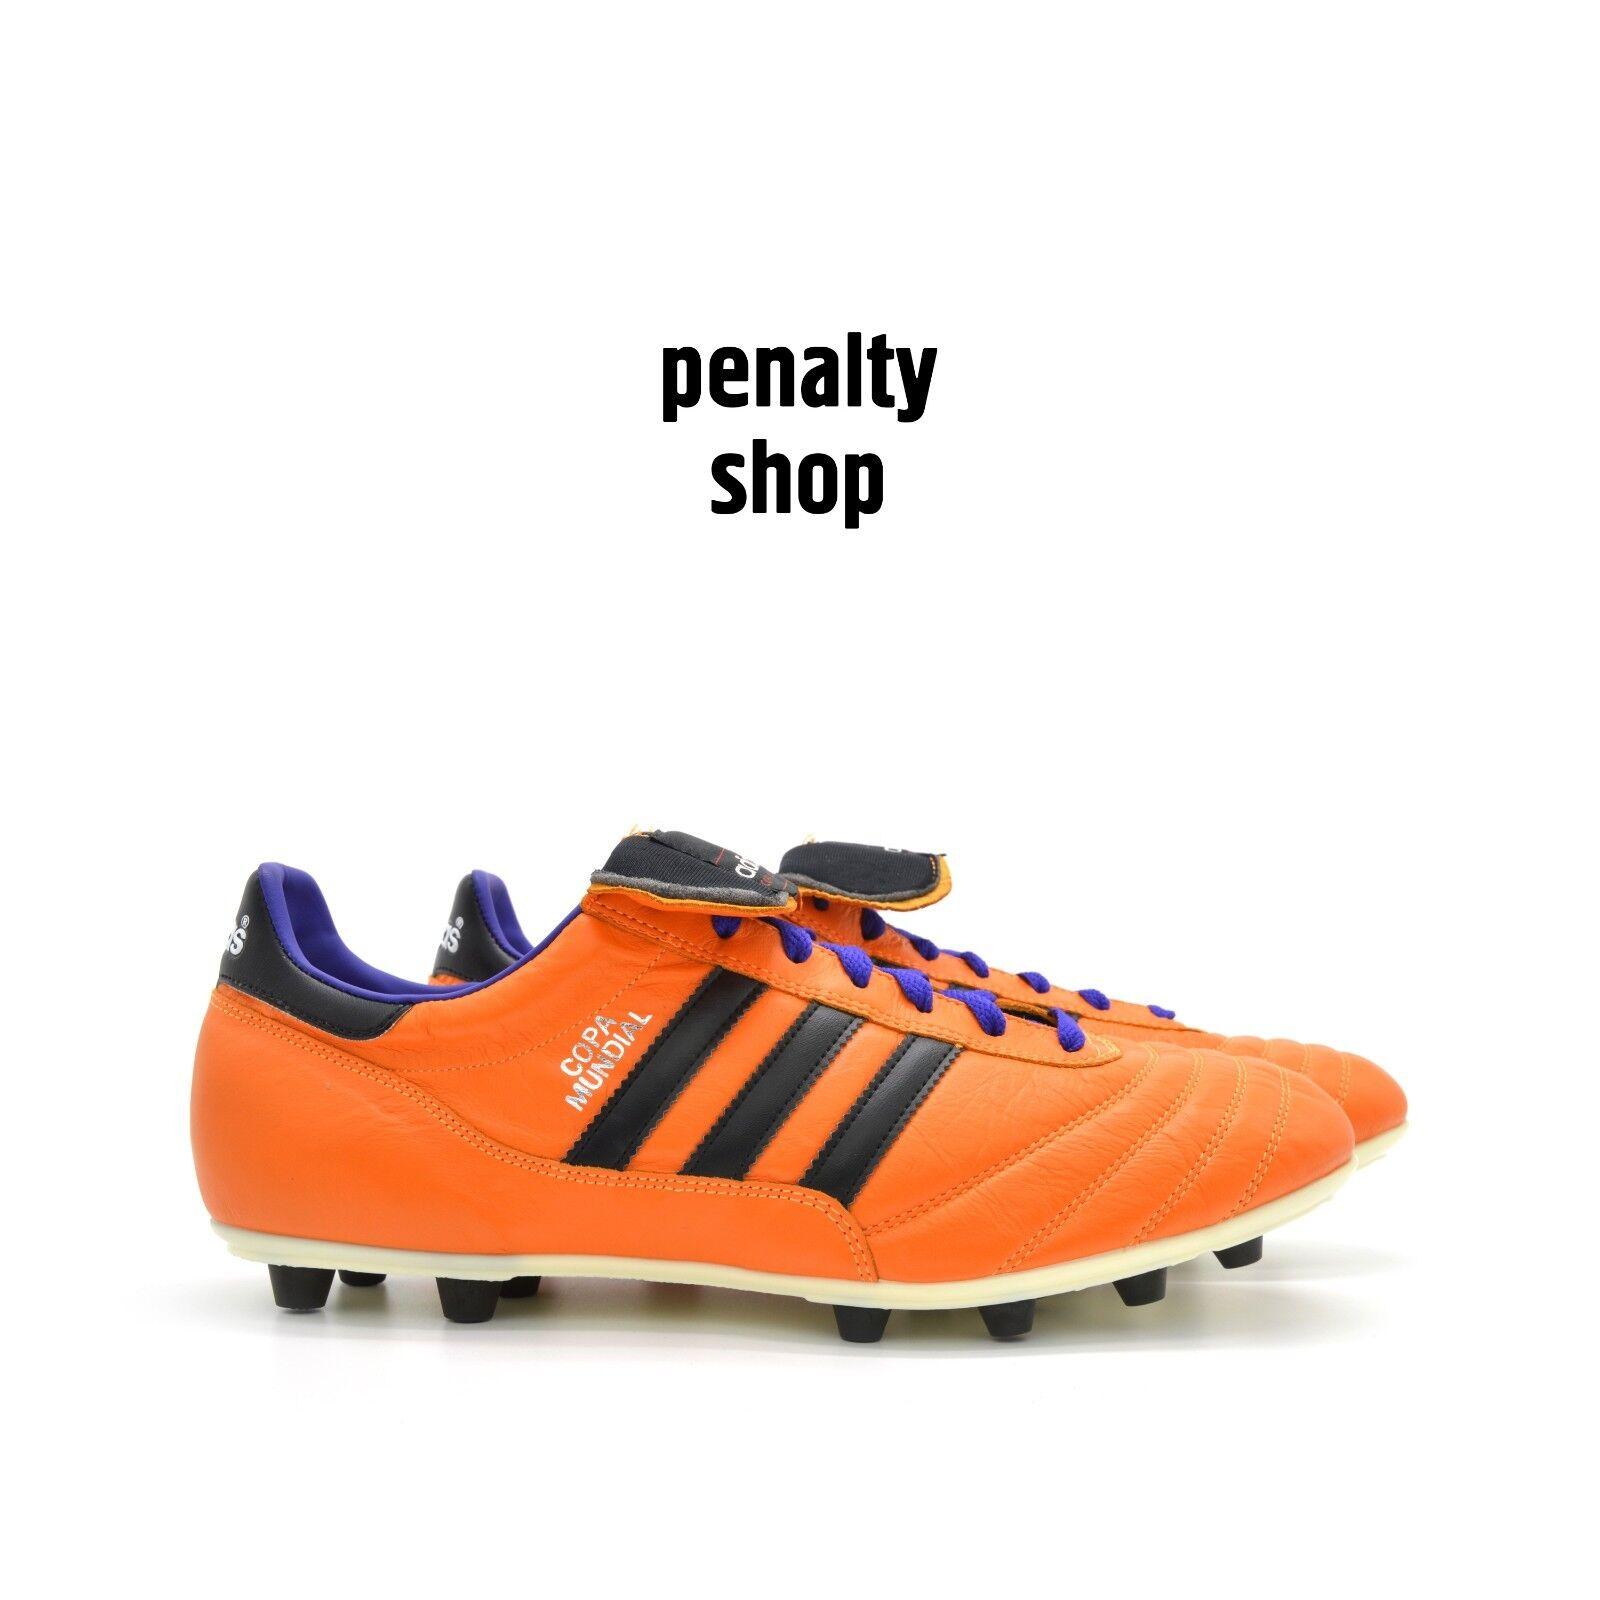 Adidas Copa Mundial Samba M22352 fatto In Geruomoy RARE Limited edizione